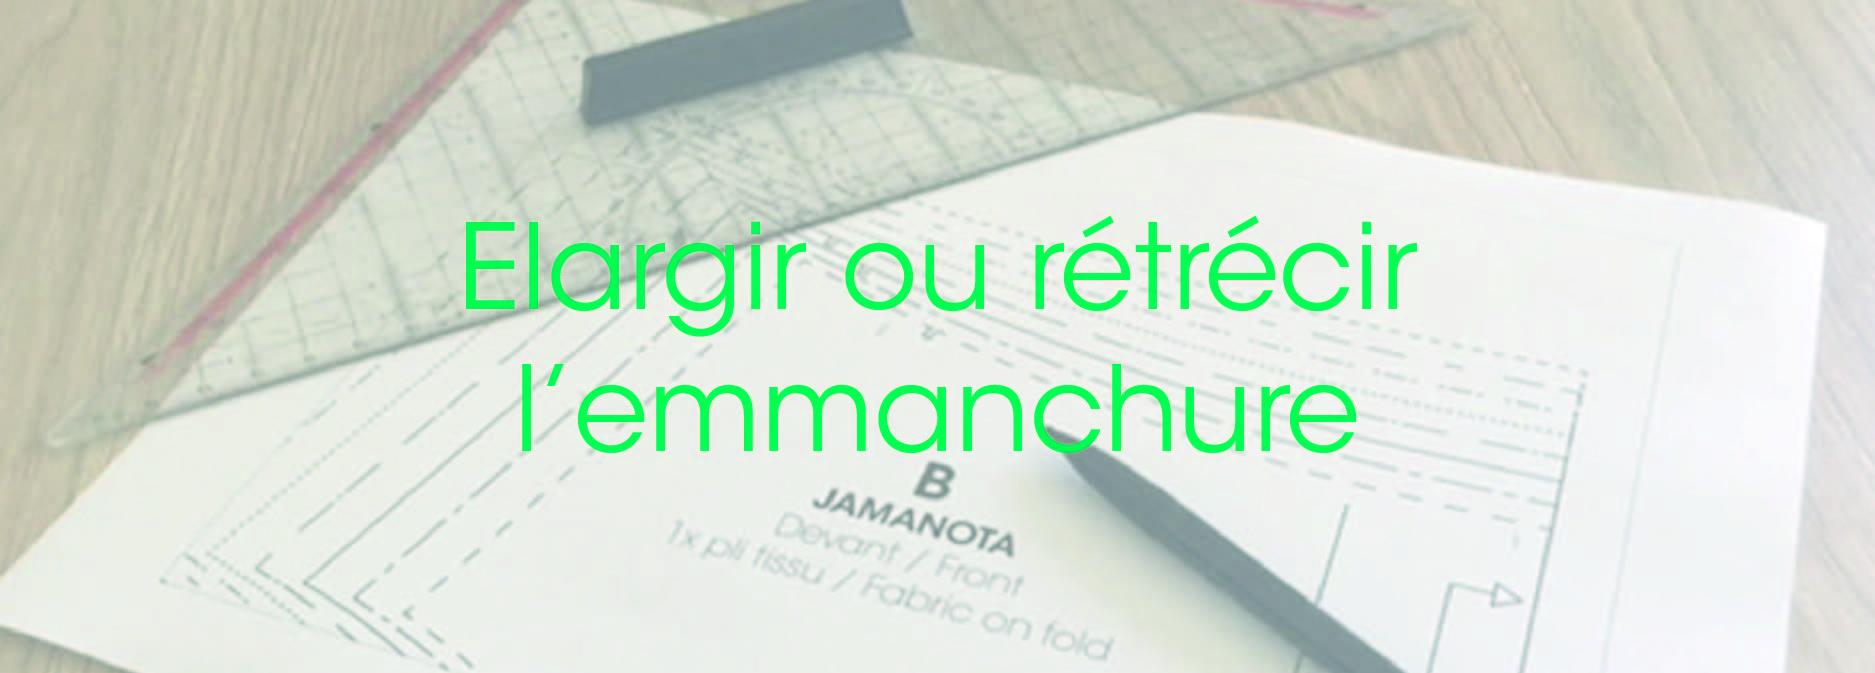 Modélisme_Comment_élargir_ou_rétrécir_une_emmanchure